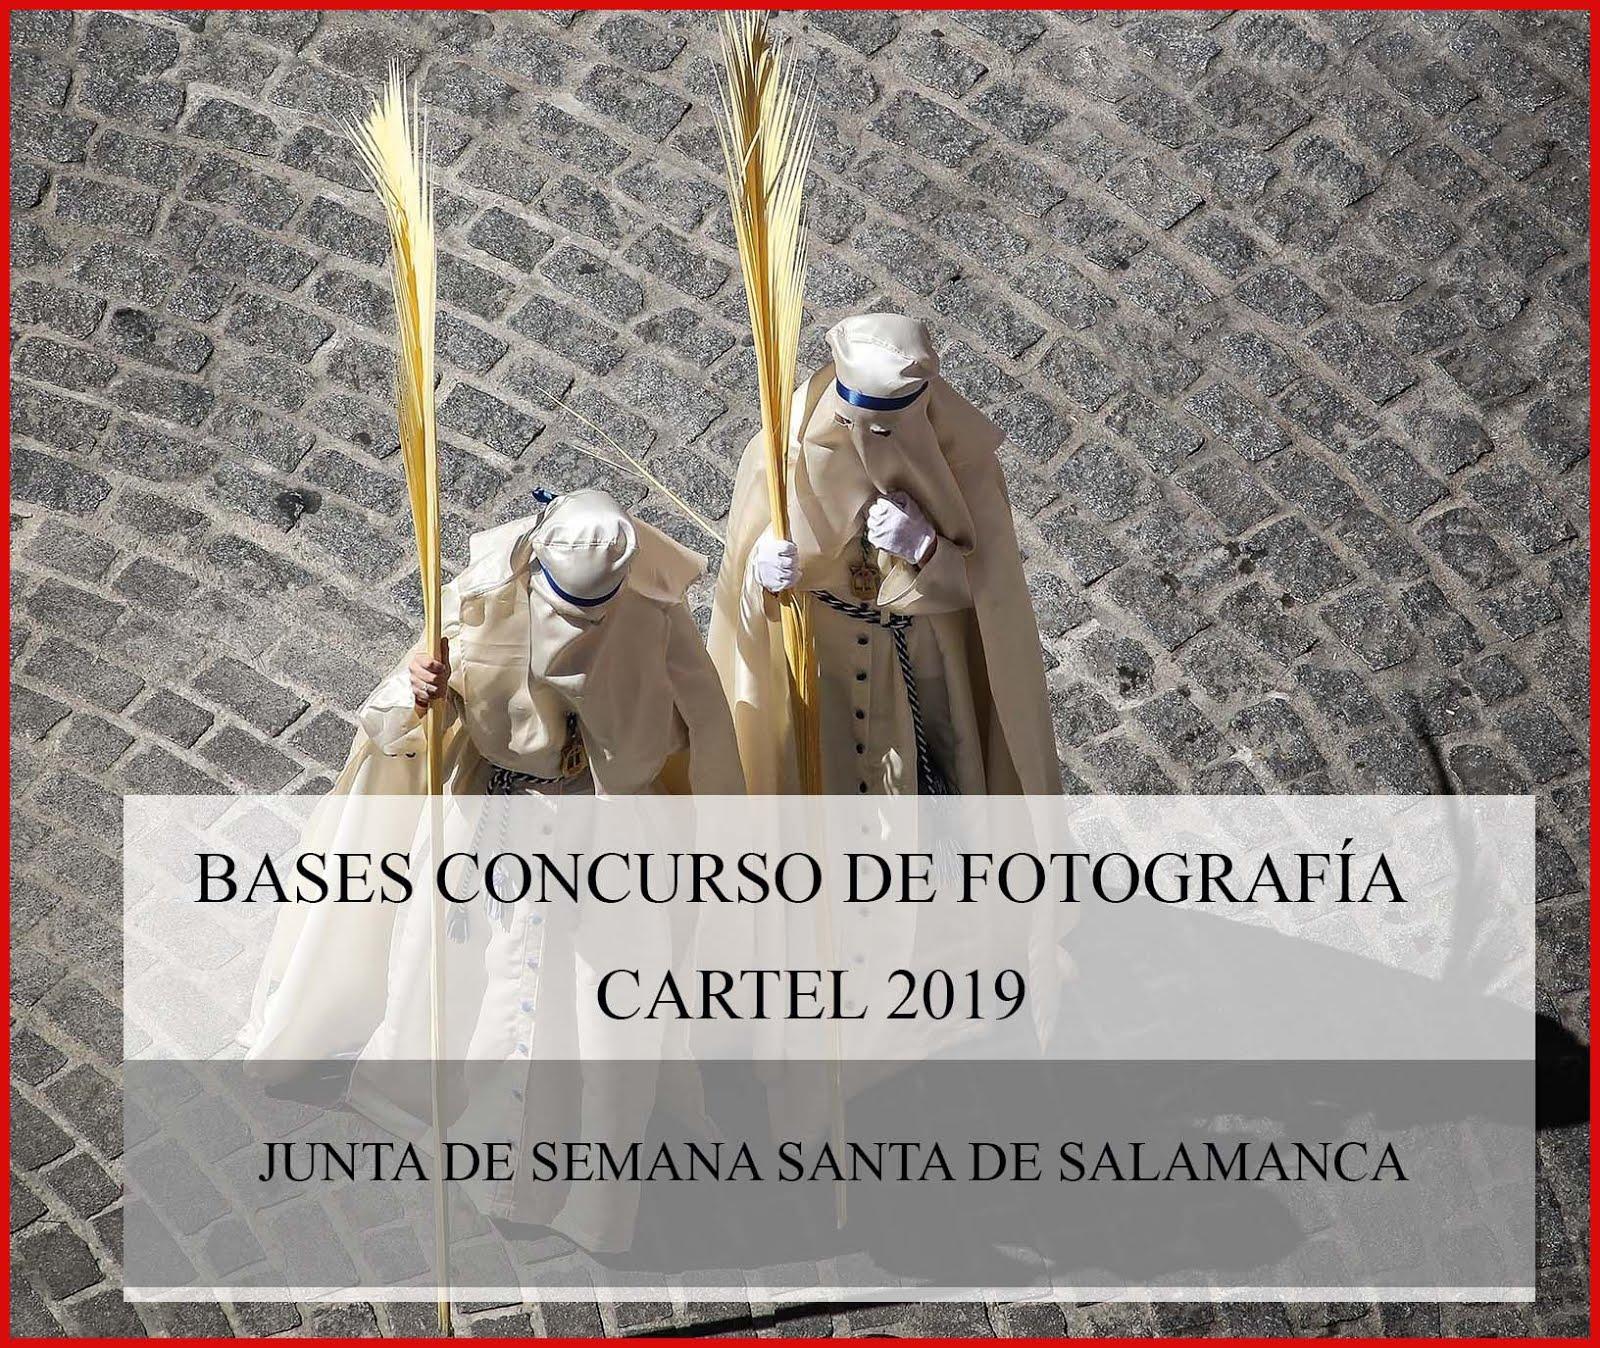 BASES CONCURSO DE FOTOGRAFÍA CARTTEL DE LA SEMANA SANTA DEL AÑO 2019